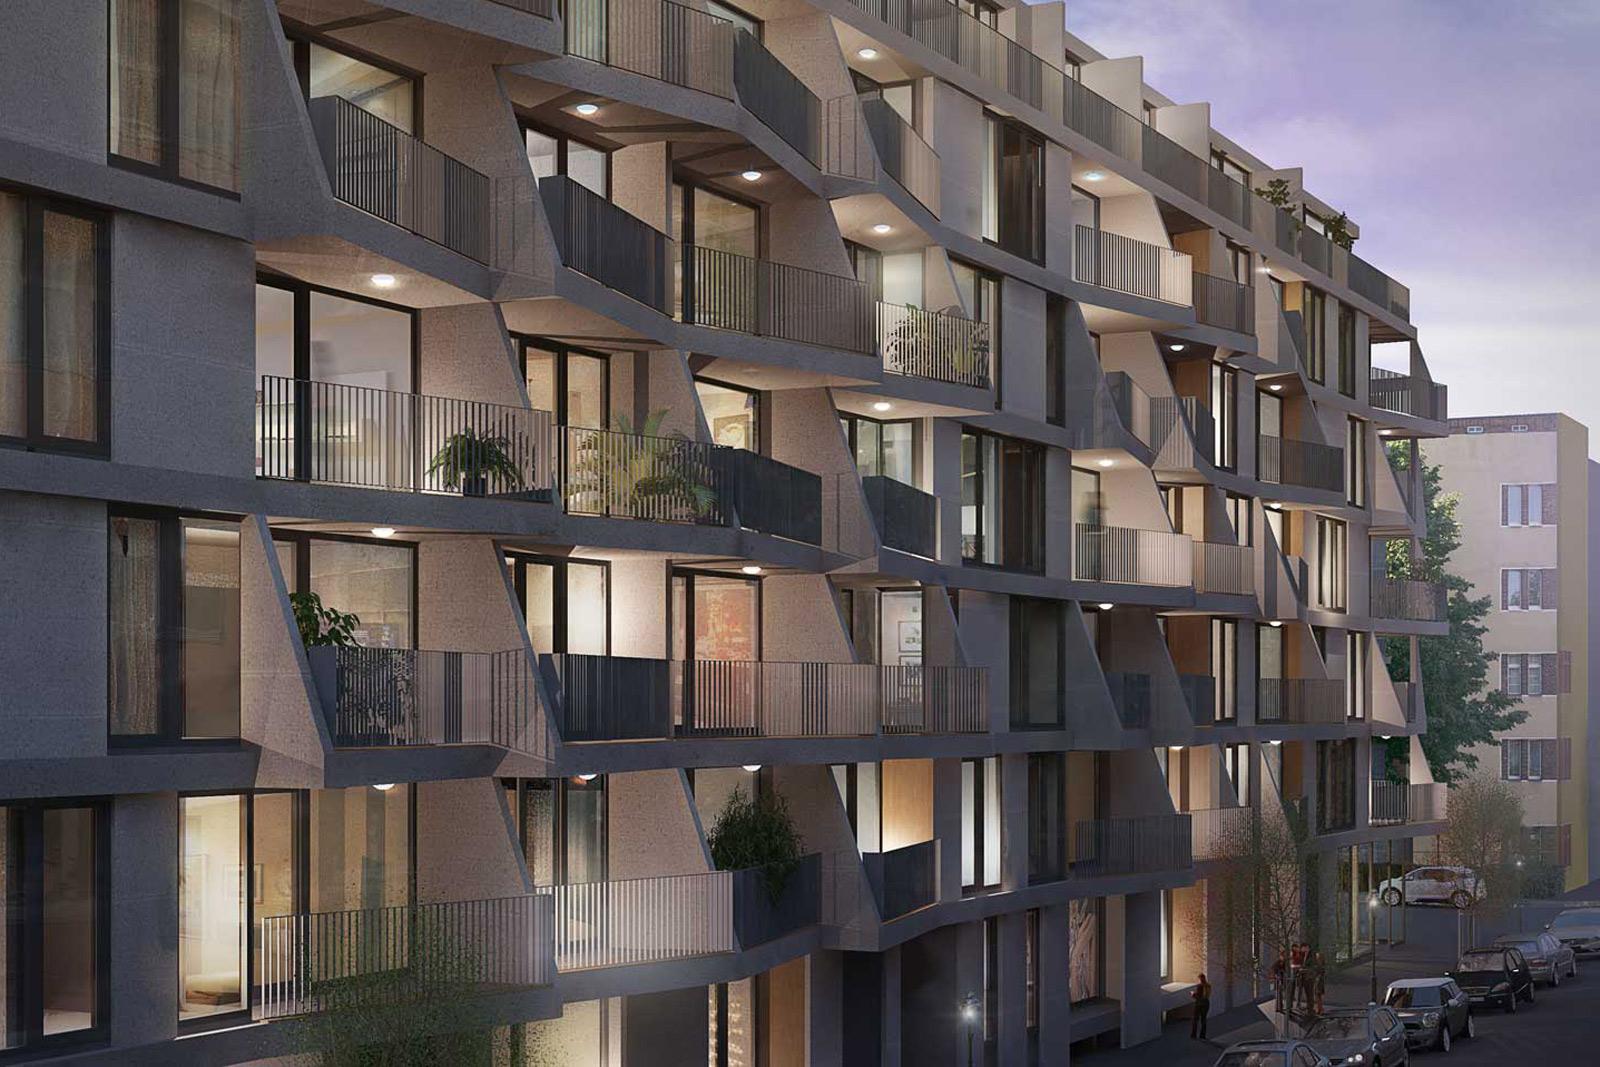 Bouchegaerten-Impression-Fassade-Harzerstr